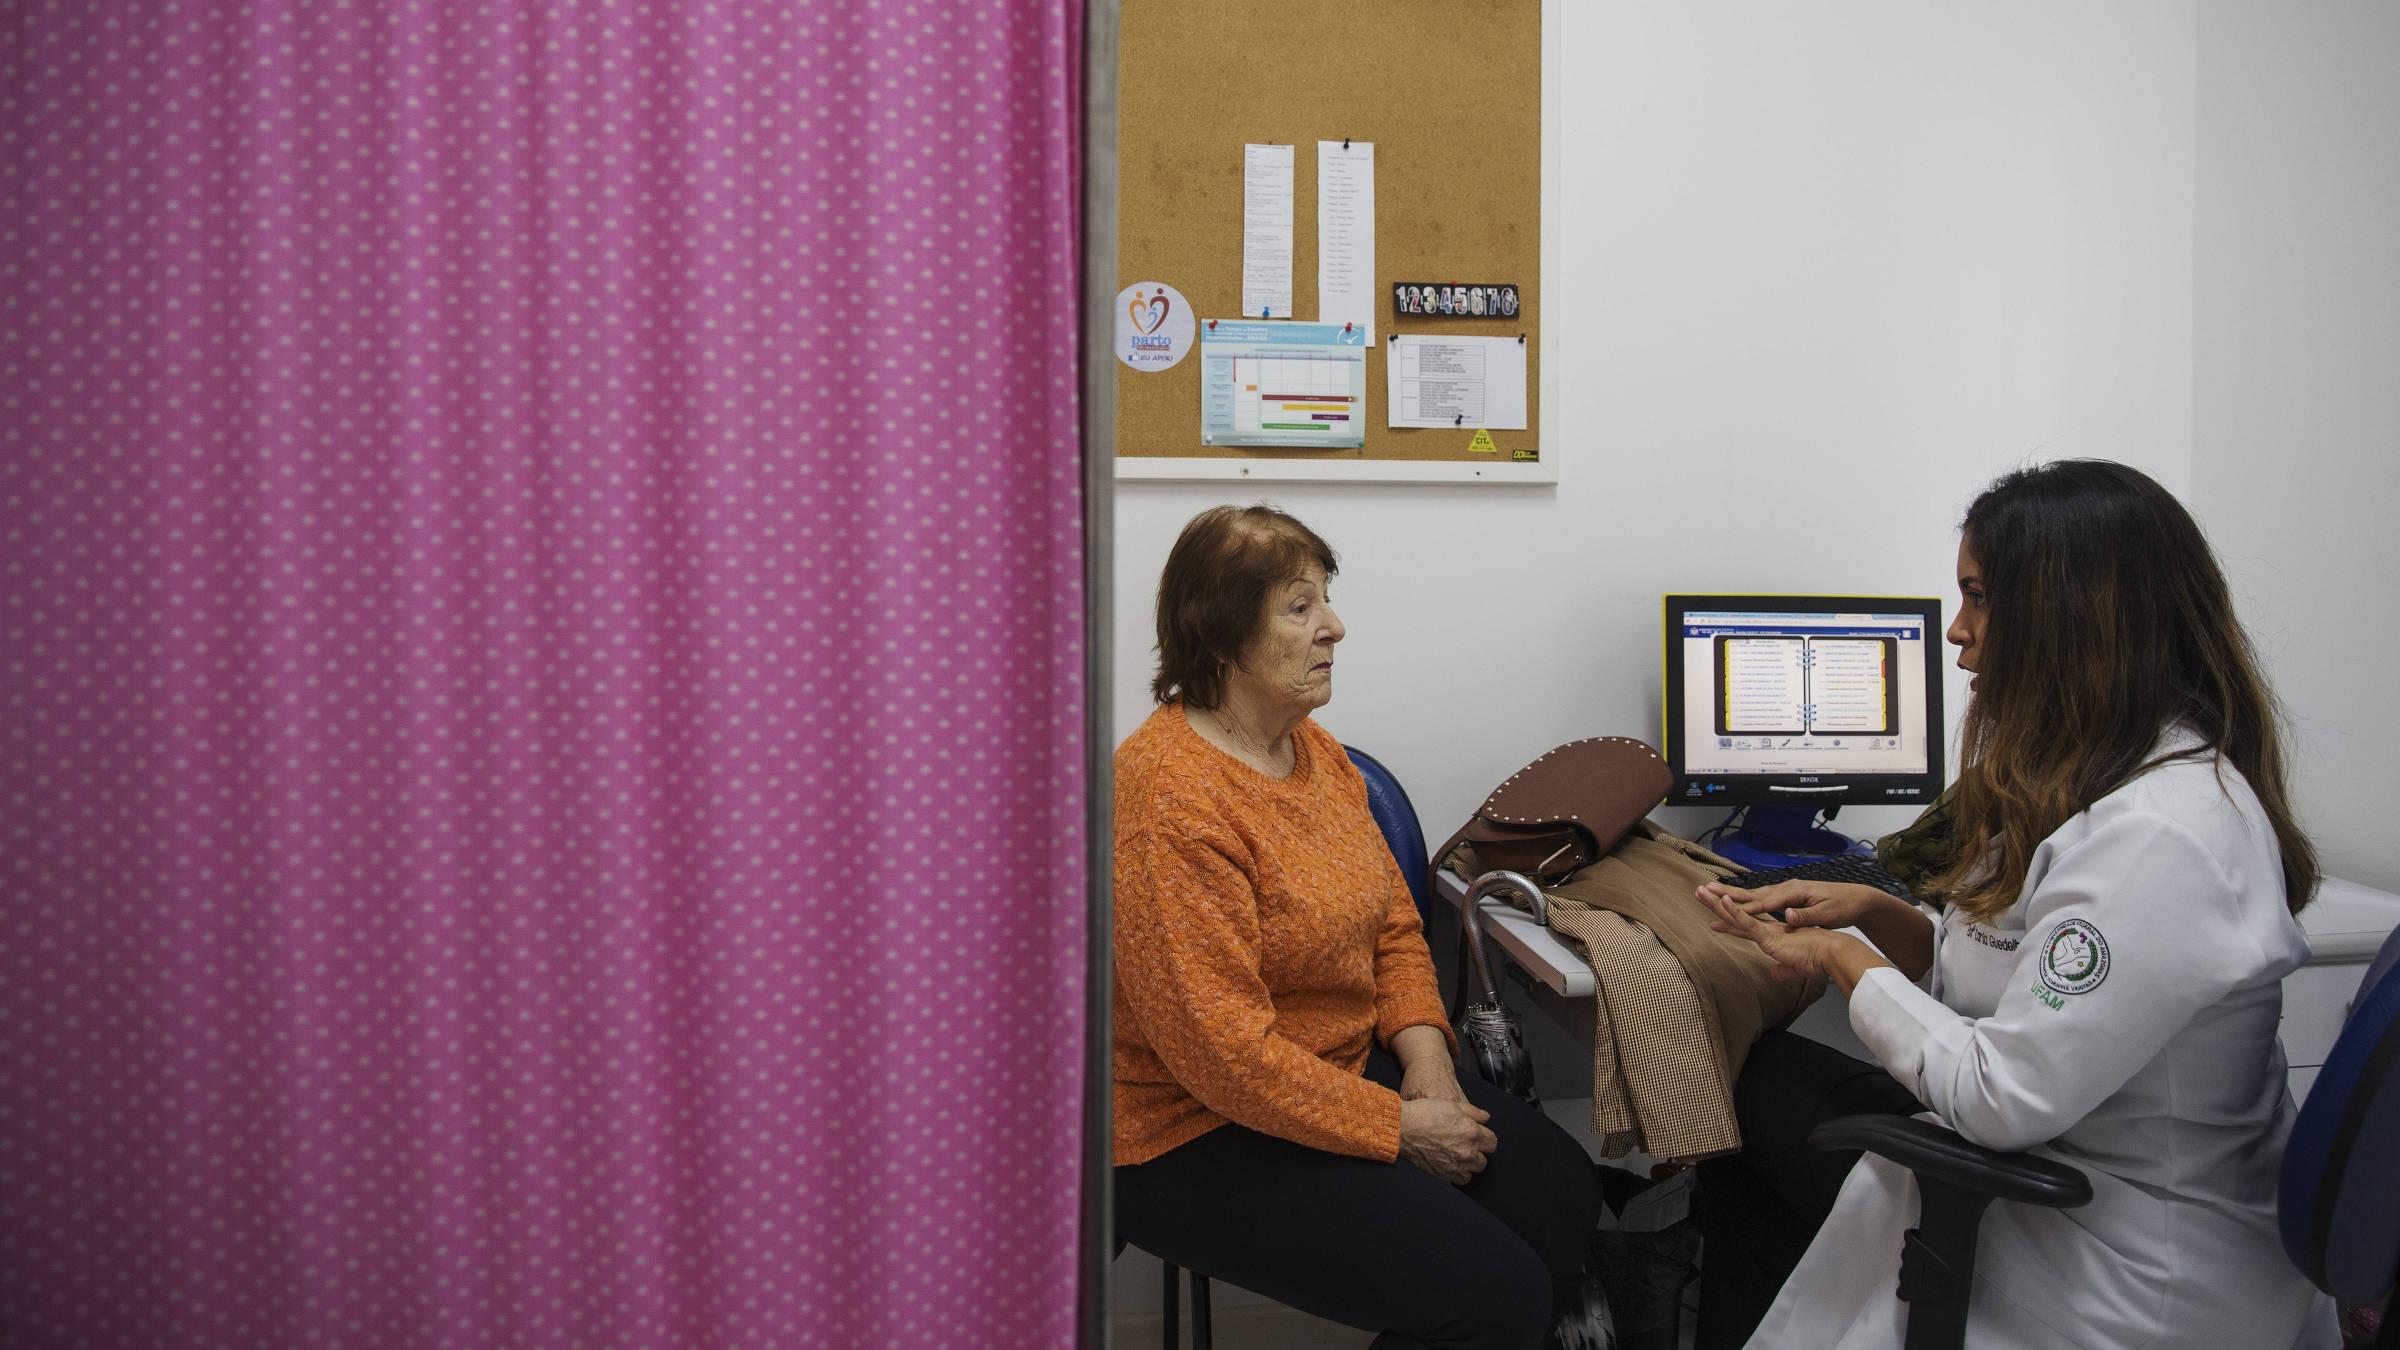 A enfermeira Carla Sousa Guedelha atende paciente no centro de saúde Itacorubi, em Florianópolis. Foto: Lalo de Almeida/ Folhapress